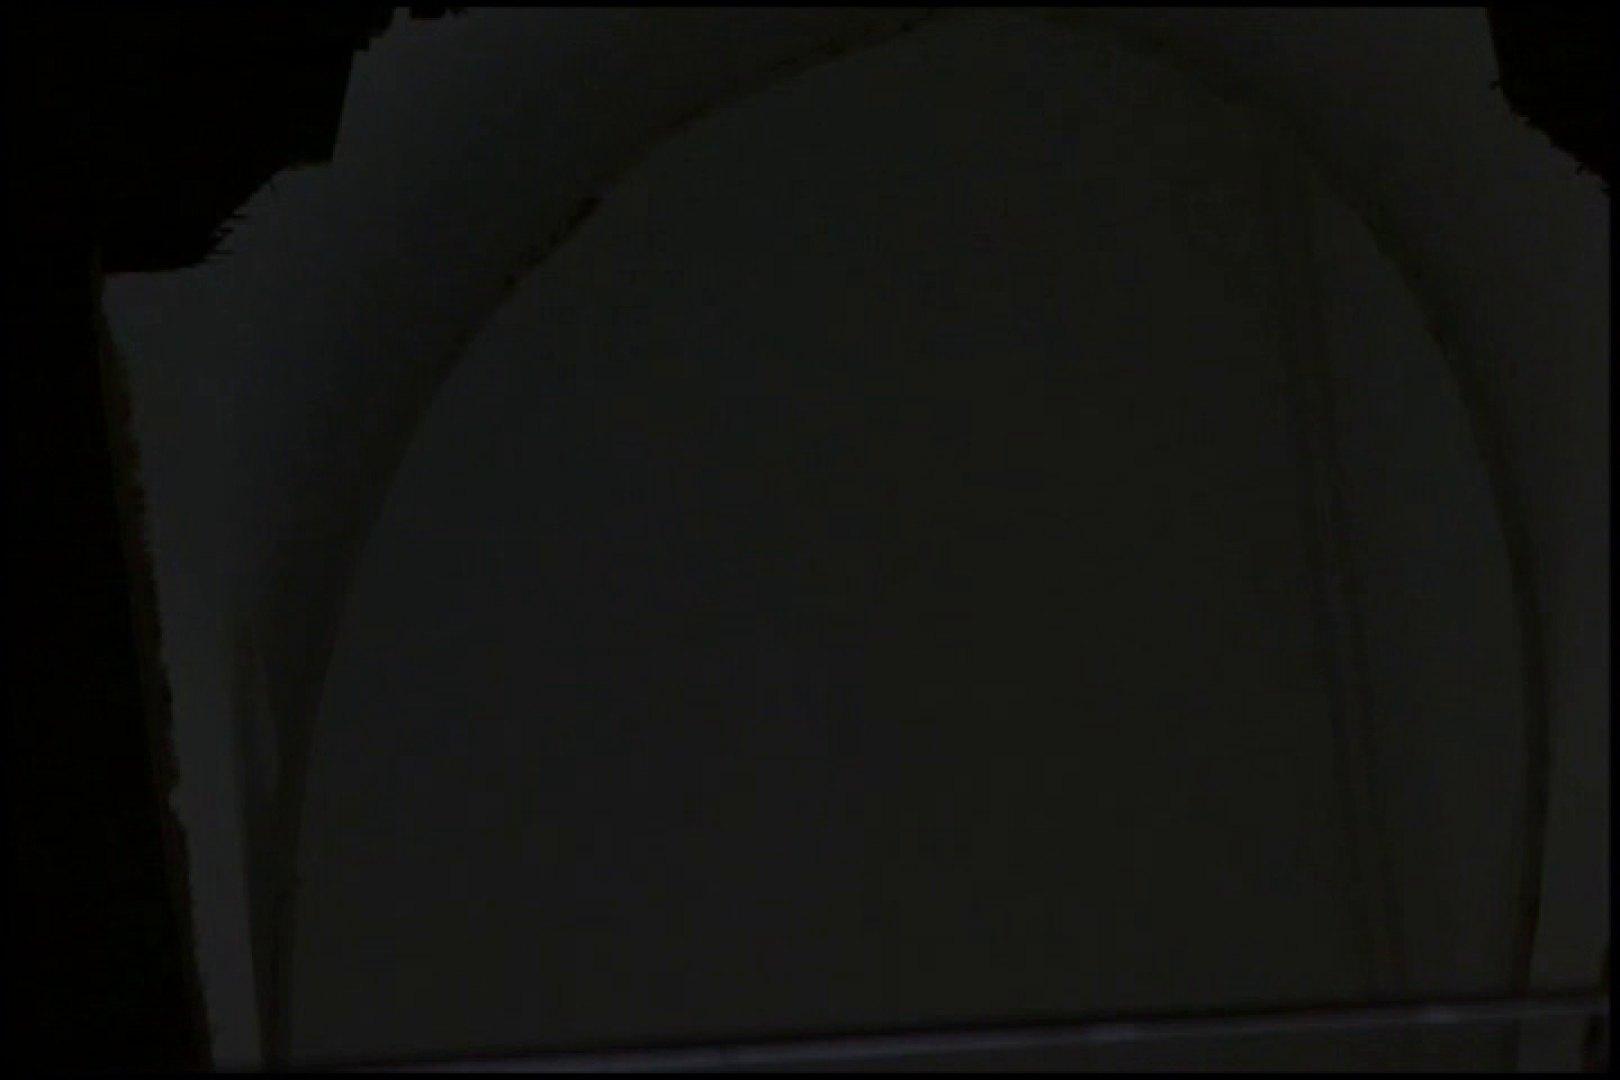 和式にまたがる女たちを待ちうけるカメラの衝撃映像vol.02 厠  107連発 96